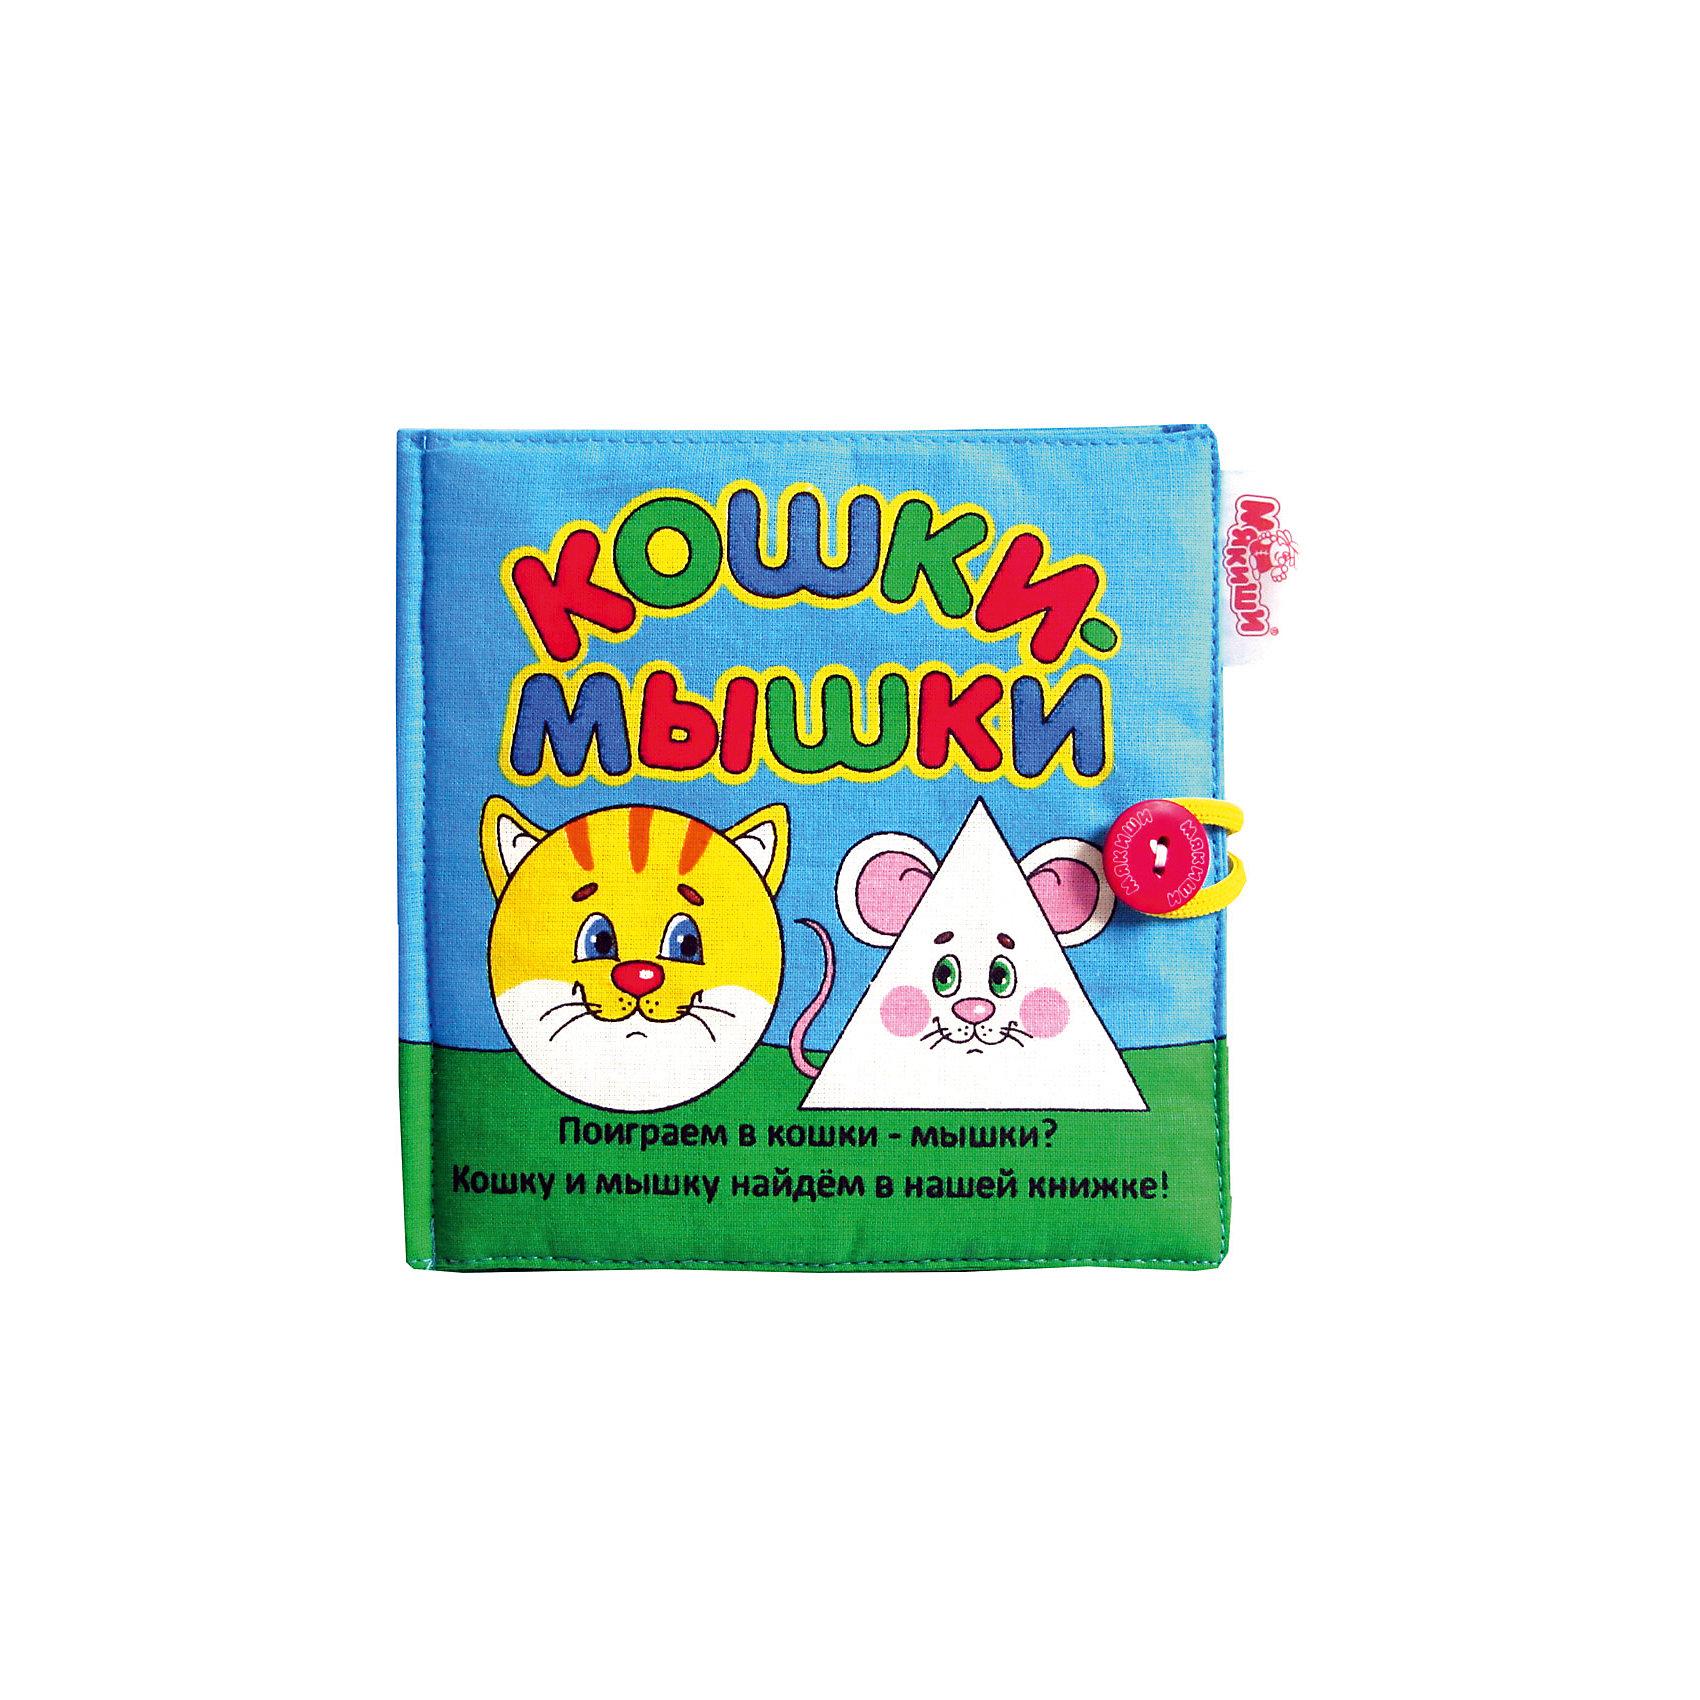 Мягкая развивающая книжка «Кошки — мышки», МякишиХарактеристики товара:<br><br>• материал: текстиль<br>• комплектация: 1 шт<br>• размер игрушки: 15х15 см<br>• размер в открытом виде: 60х15 см<br>• развивающая игрушка<br>• упаковка: пакет<br>• страна бренда: РФ<br>• страна изготовитель: РФ<br><br>Малыши активно познают мир и тянутся к новой информации. Чтобы сделать процесс изучения окружающего пространства интереснее, ребенку можно подарить развивающие игрушки. В процессе игры информация усваивается намного лучше!<br>Такая книжка поможет занять малыша, играть с ней приятно и весело. Одновременно она позволит познакомиться со многими цветами, фактурами и предметами, которые ребенку предстоит встретить, а также изучить геометрические формы. Такие игрушки развивают тактильные ощущения, моторику, цветовосприятие, логику, воображение, учат фокусировать внимание. Каждое изделие абсолютно безопасно – оно создано из качественной ткани с мягким наполнителем. Игрушки производятся из качественных и проверенных материалов, которые безопасны для детей.<br><br>Мягкую развивающую книжку «Кошки — мышки» от бренда Мякиши можно купить в нашем интернет-магазине.<br><br>Ширина мм: 150<br>Глубина мм: 150<br>Высота мм: 40<br>Вес г: 80<br>Возраст от месяцев: 12<br>Возраст до месяцев: 36<br>Пол: Унисекс<br>Возраст: Детский<br>SKU: 5183179